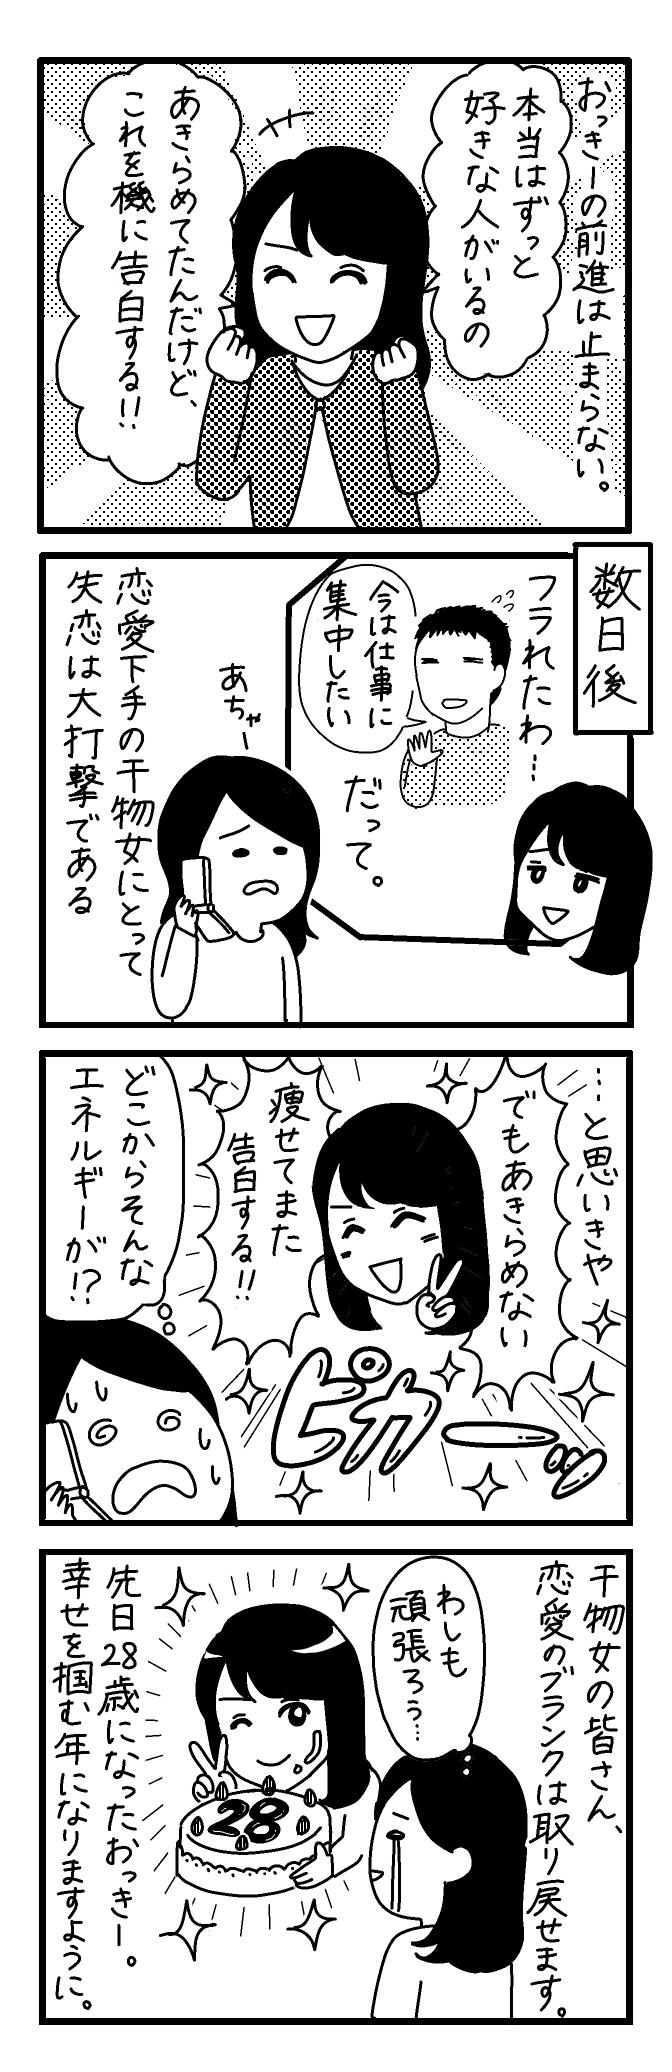 【4コマ漫画】第25回「ビクトリアな日々」作:ビクトリアブラディーヌ